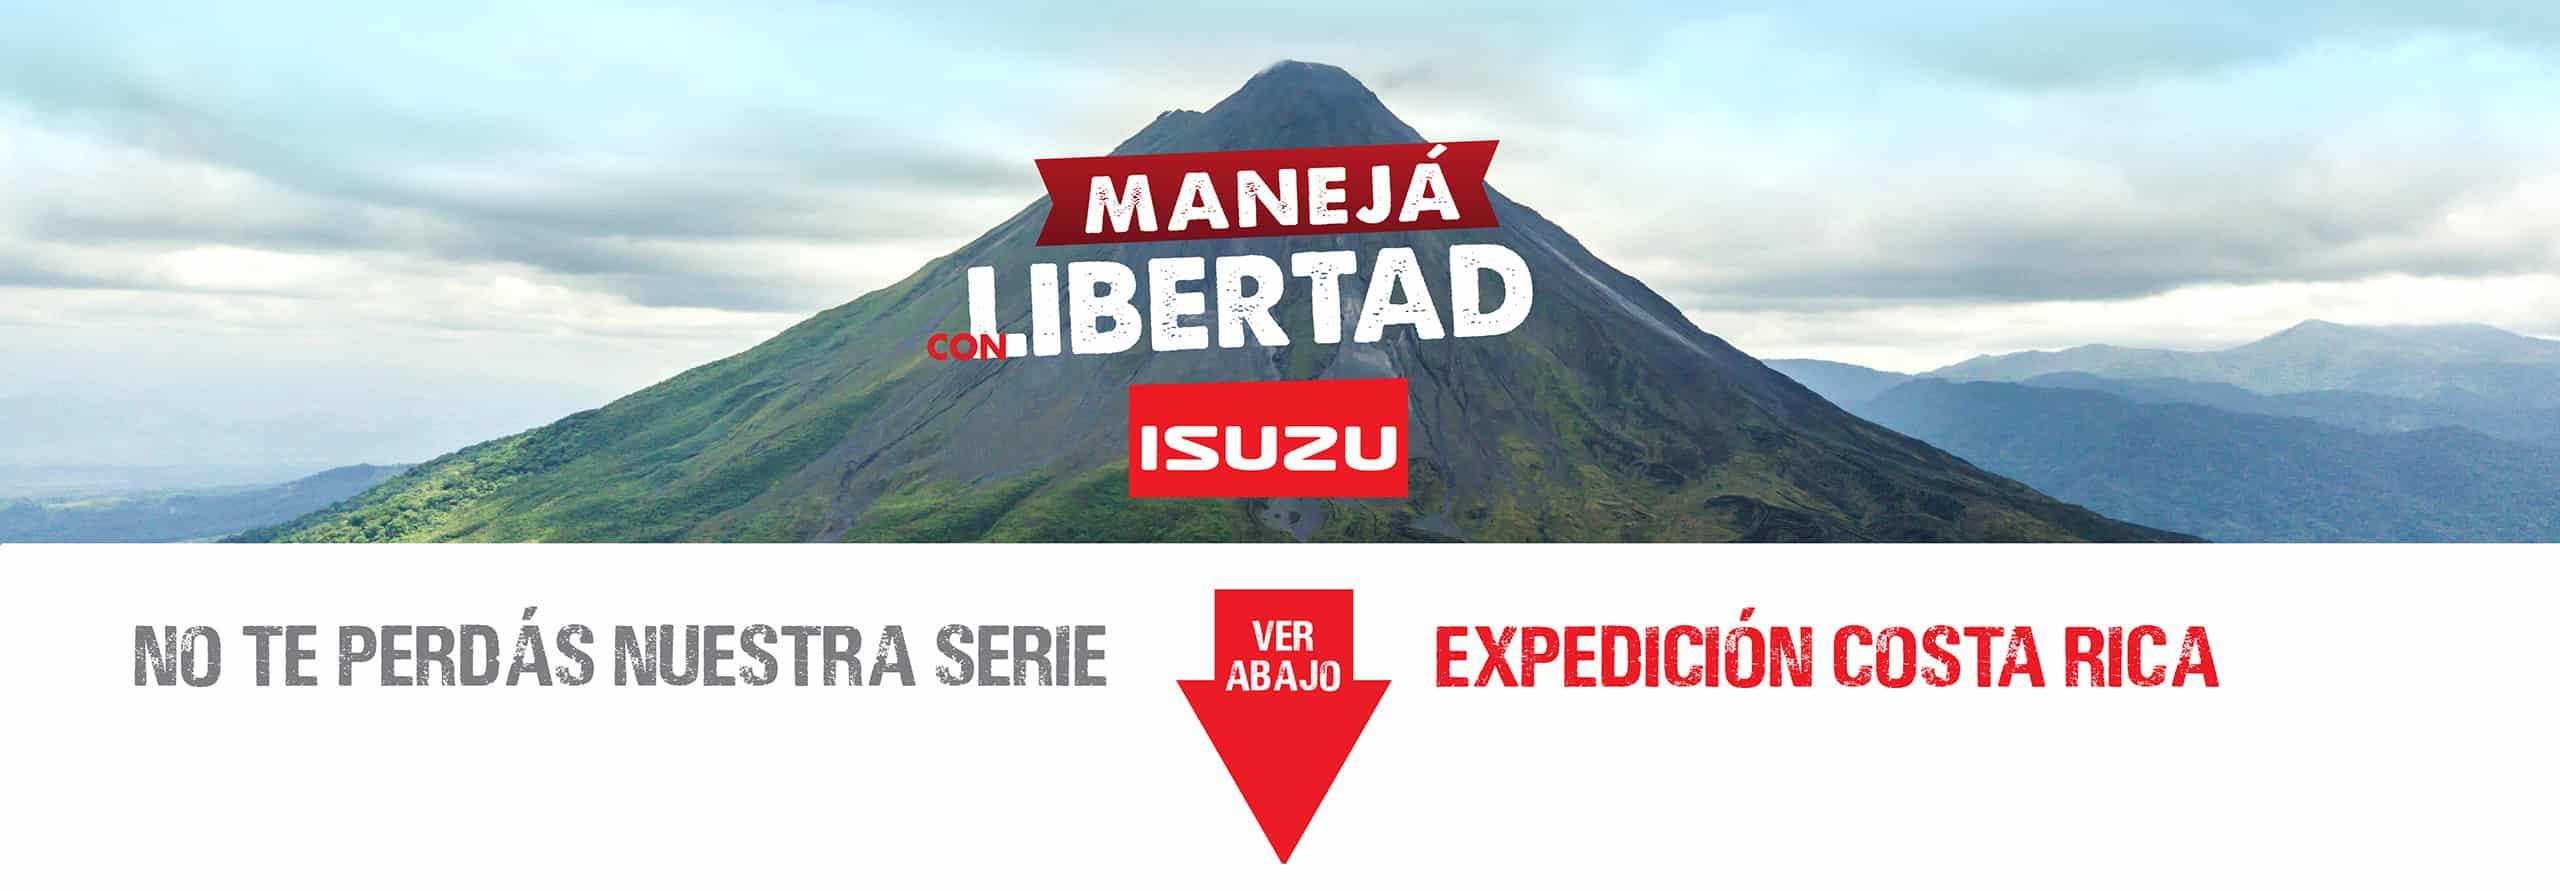 serie-expedicion-isuzu-costarica